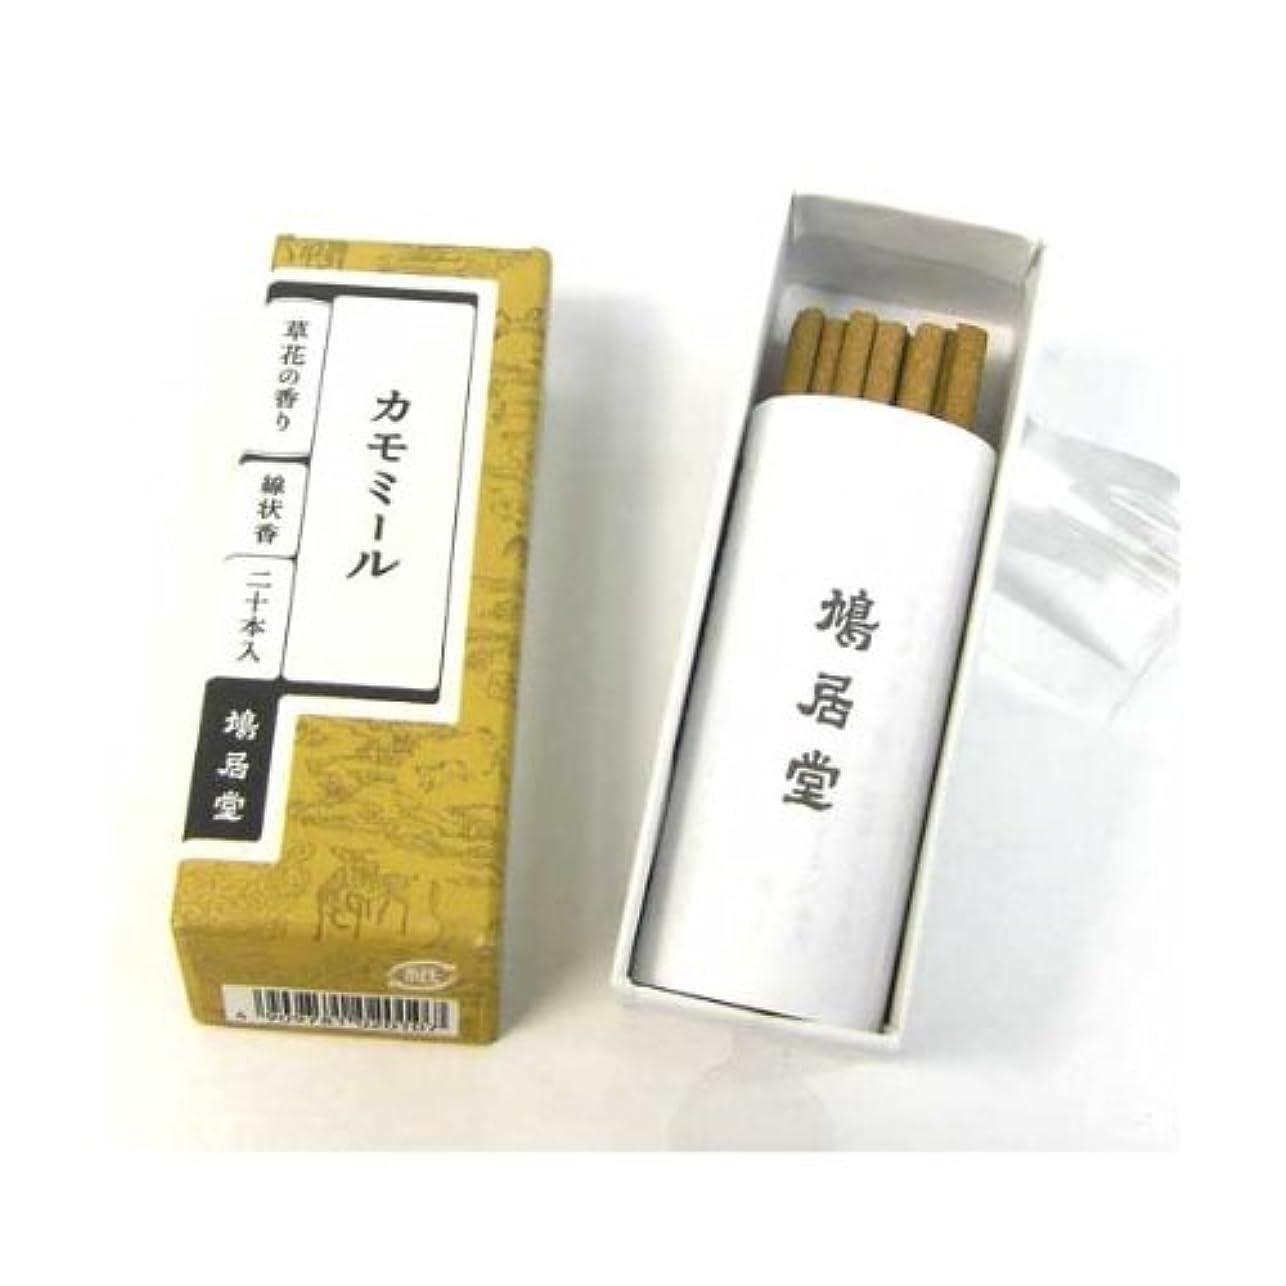 深く電話する学習者鳩居堂 お香 カモミール 草花の香りシリーズ スティックタイプ(棒状香)20本いり